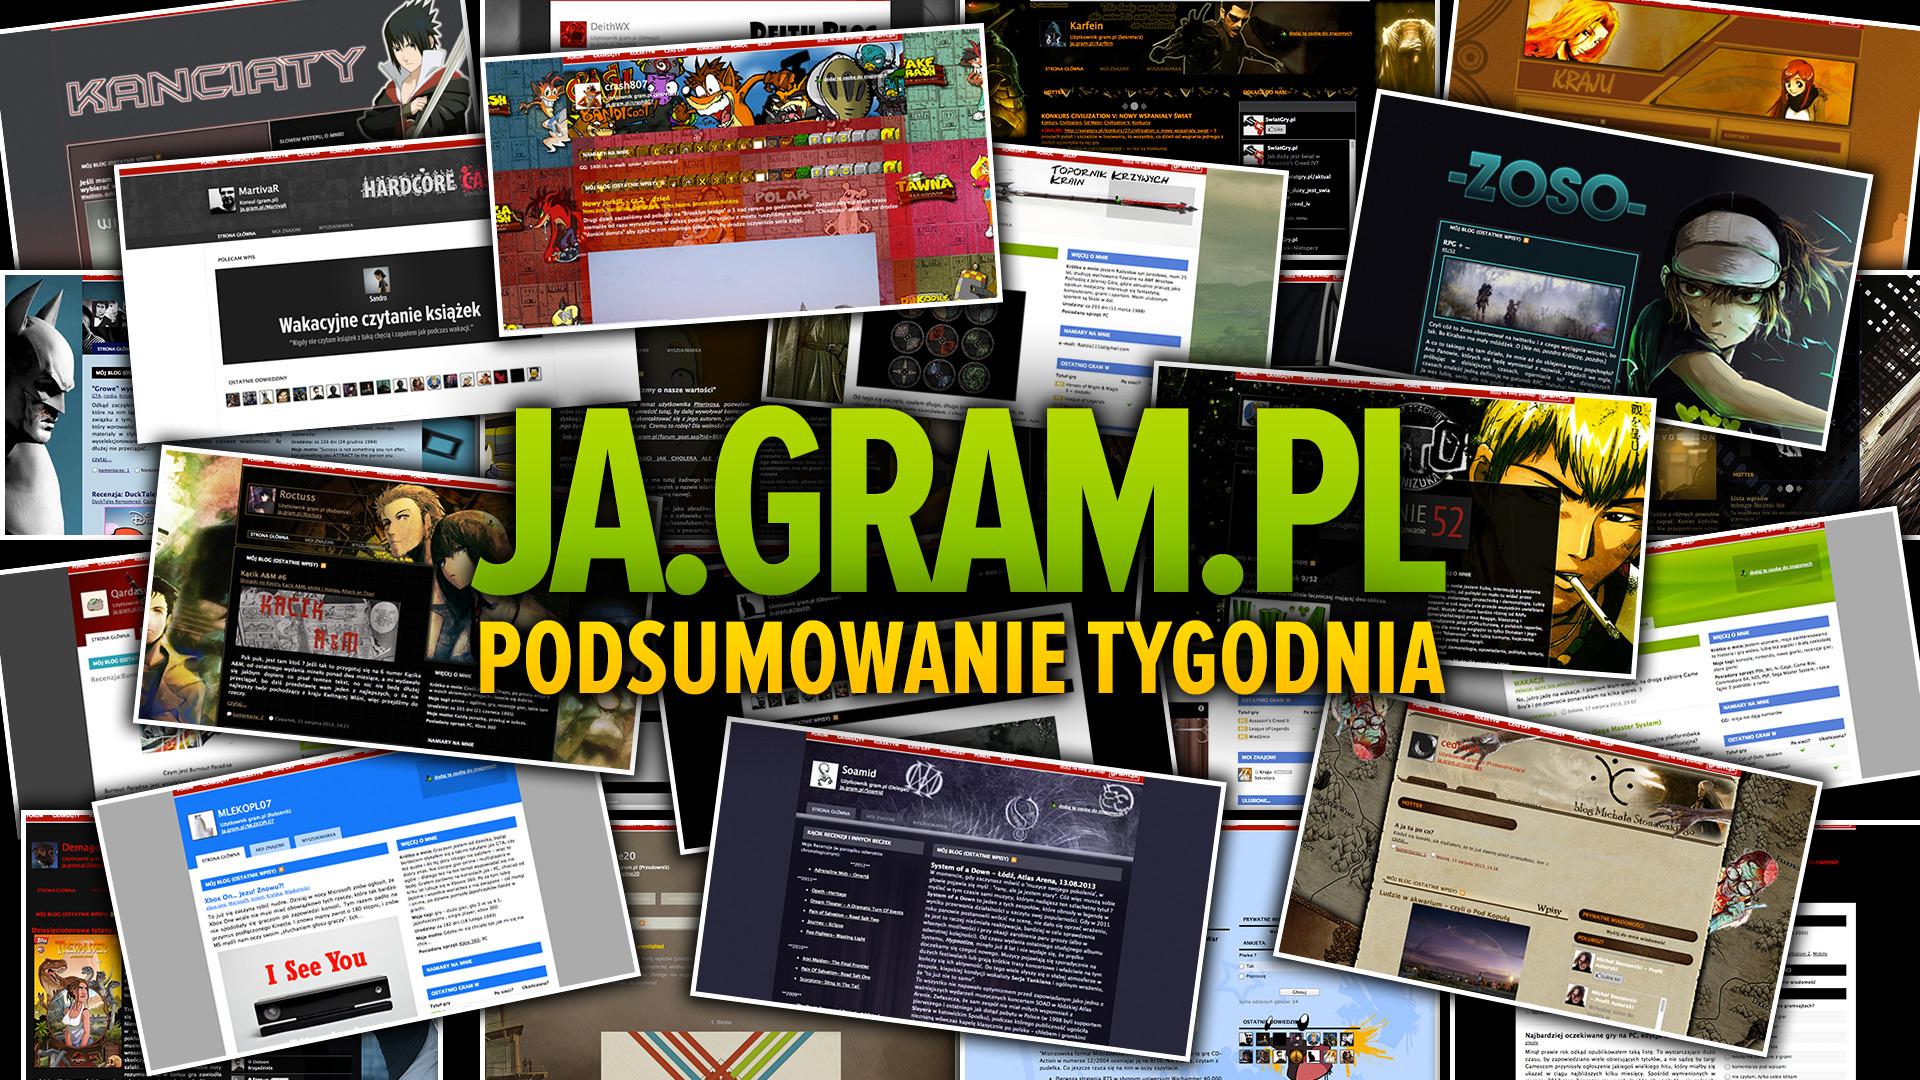 Co w gramsajtach piszczy #88 - Sentymenalne rozmowy o grach komputerowych - obrazek 1